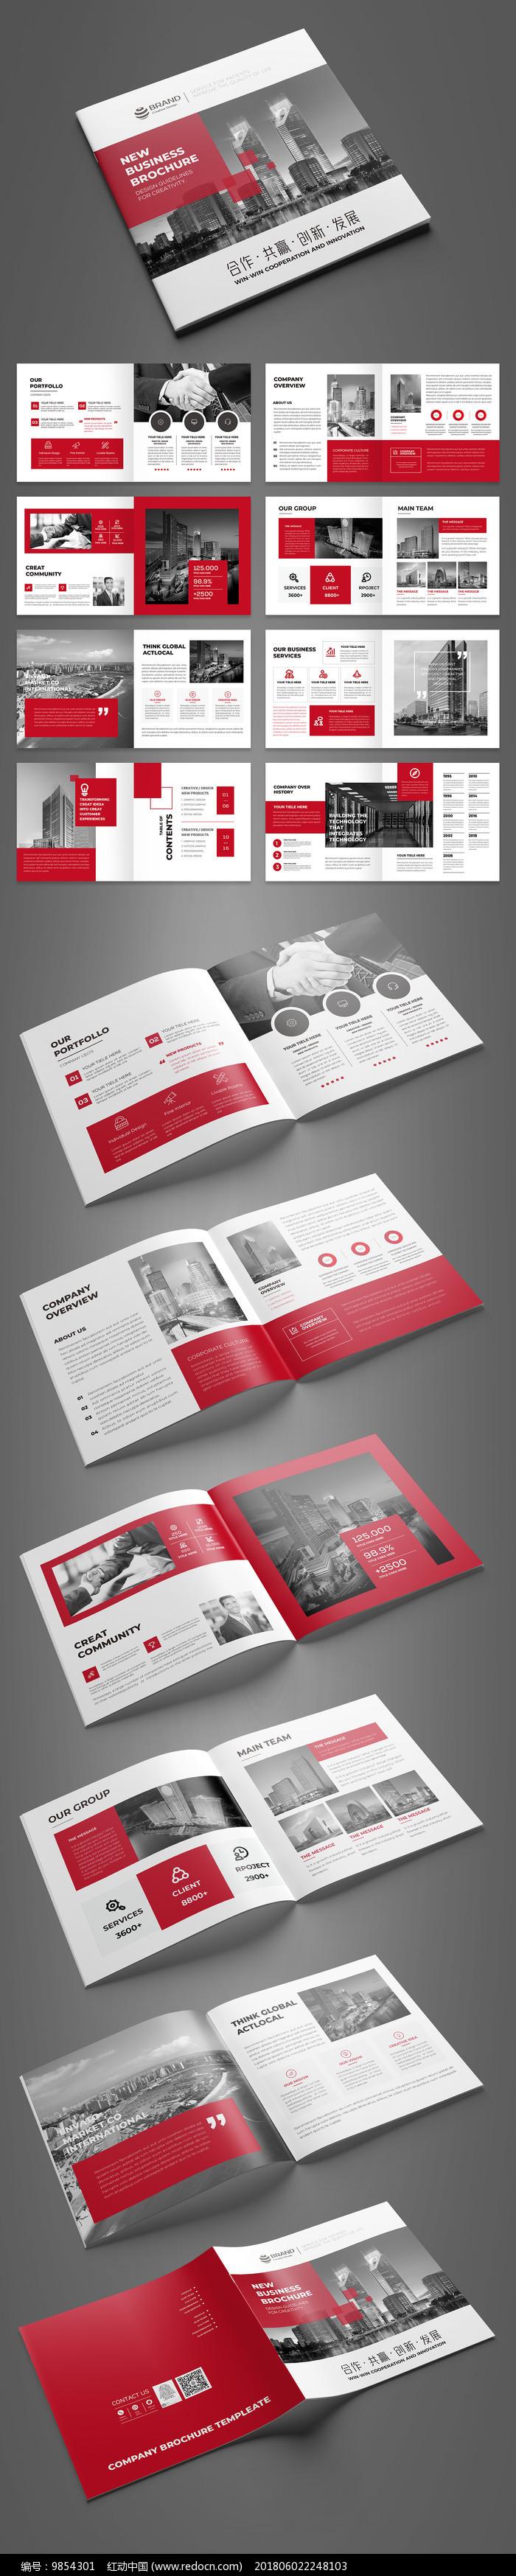 简约红色企业形象宣传册设计图片